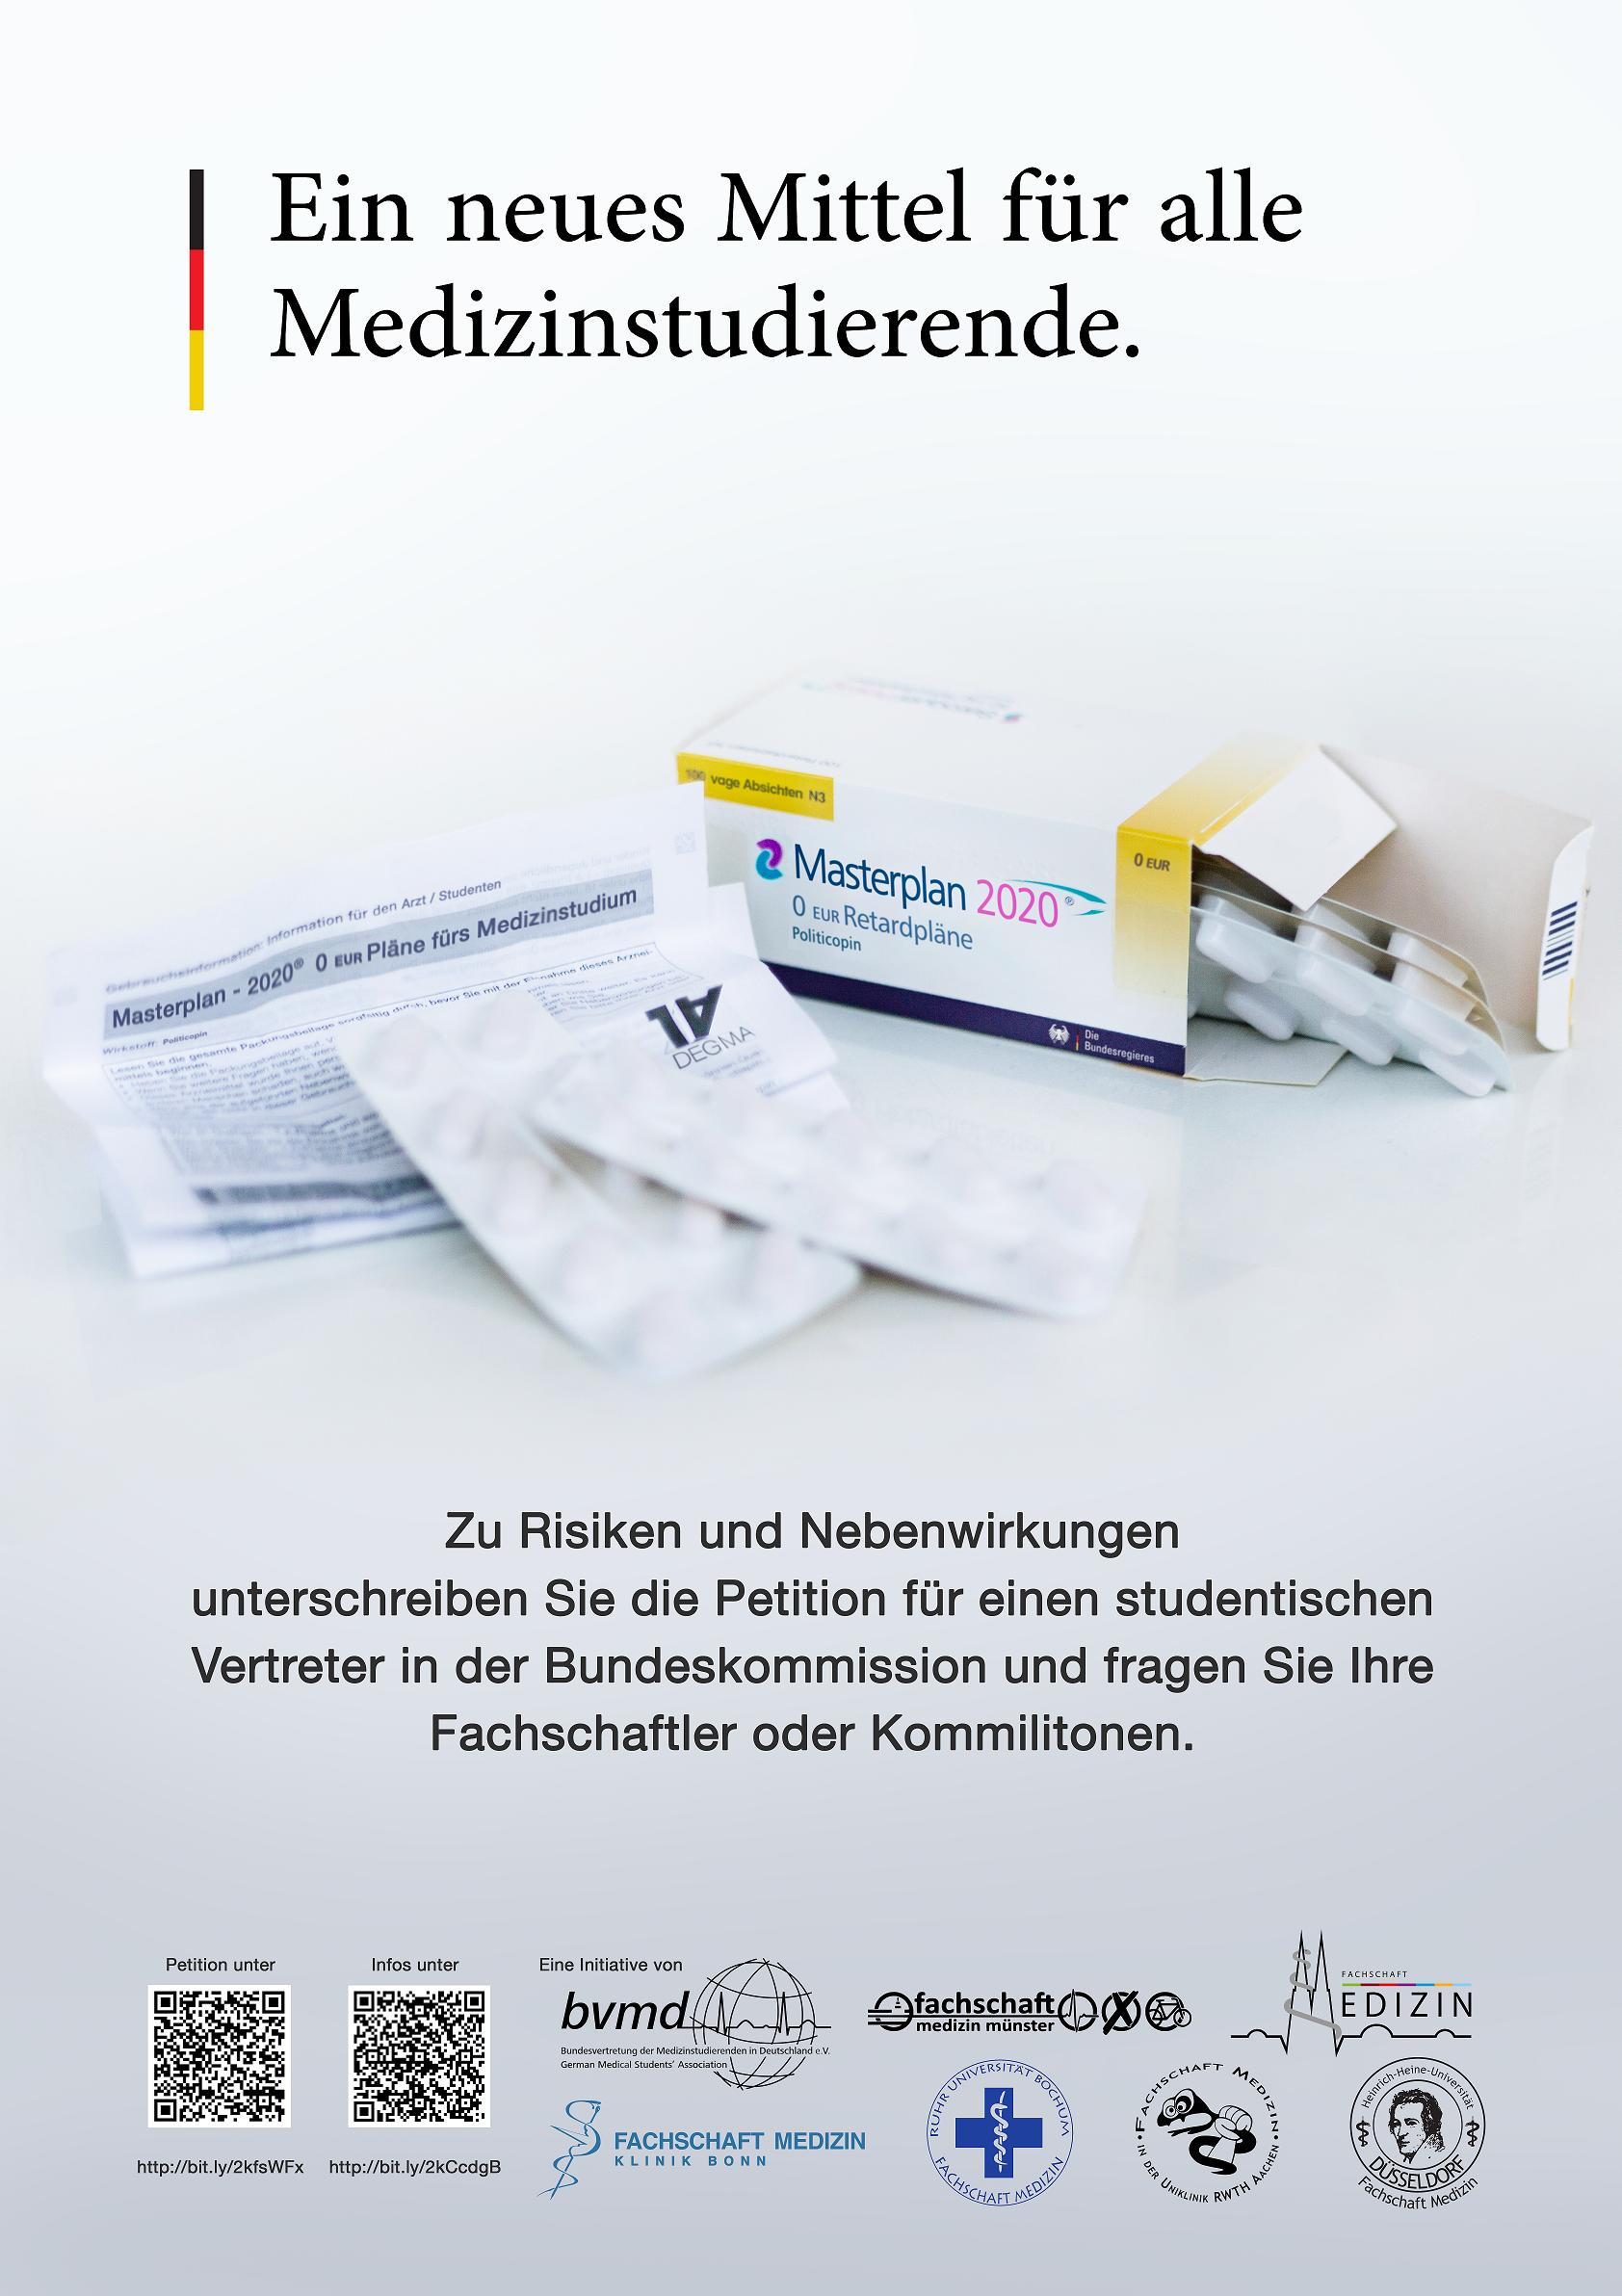 Petition der bvmd: Mitbestimmung bei der Reform des Studiums!